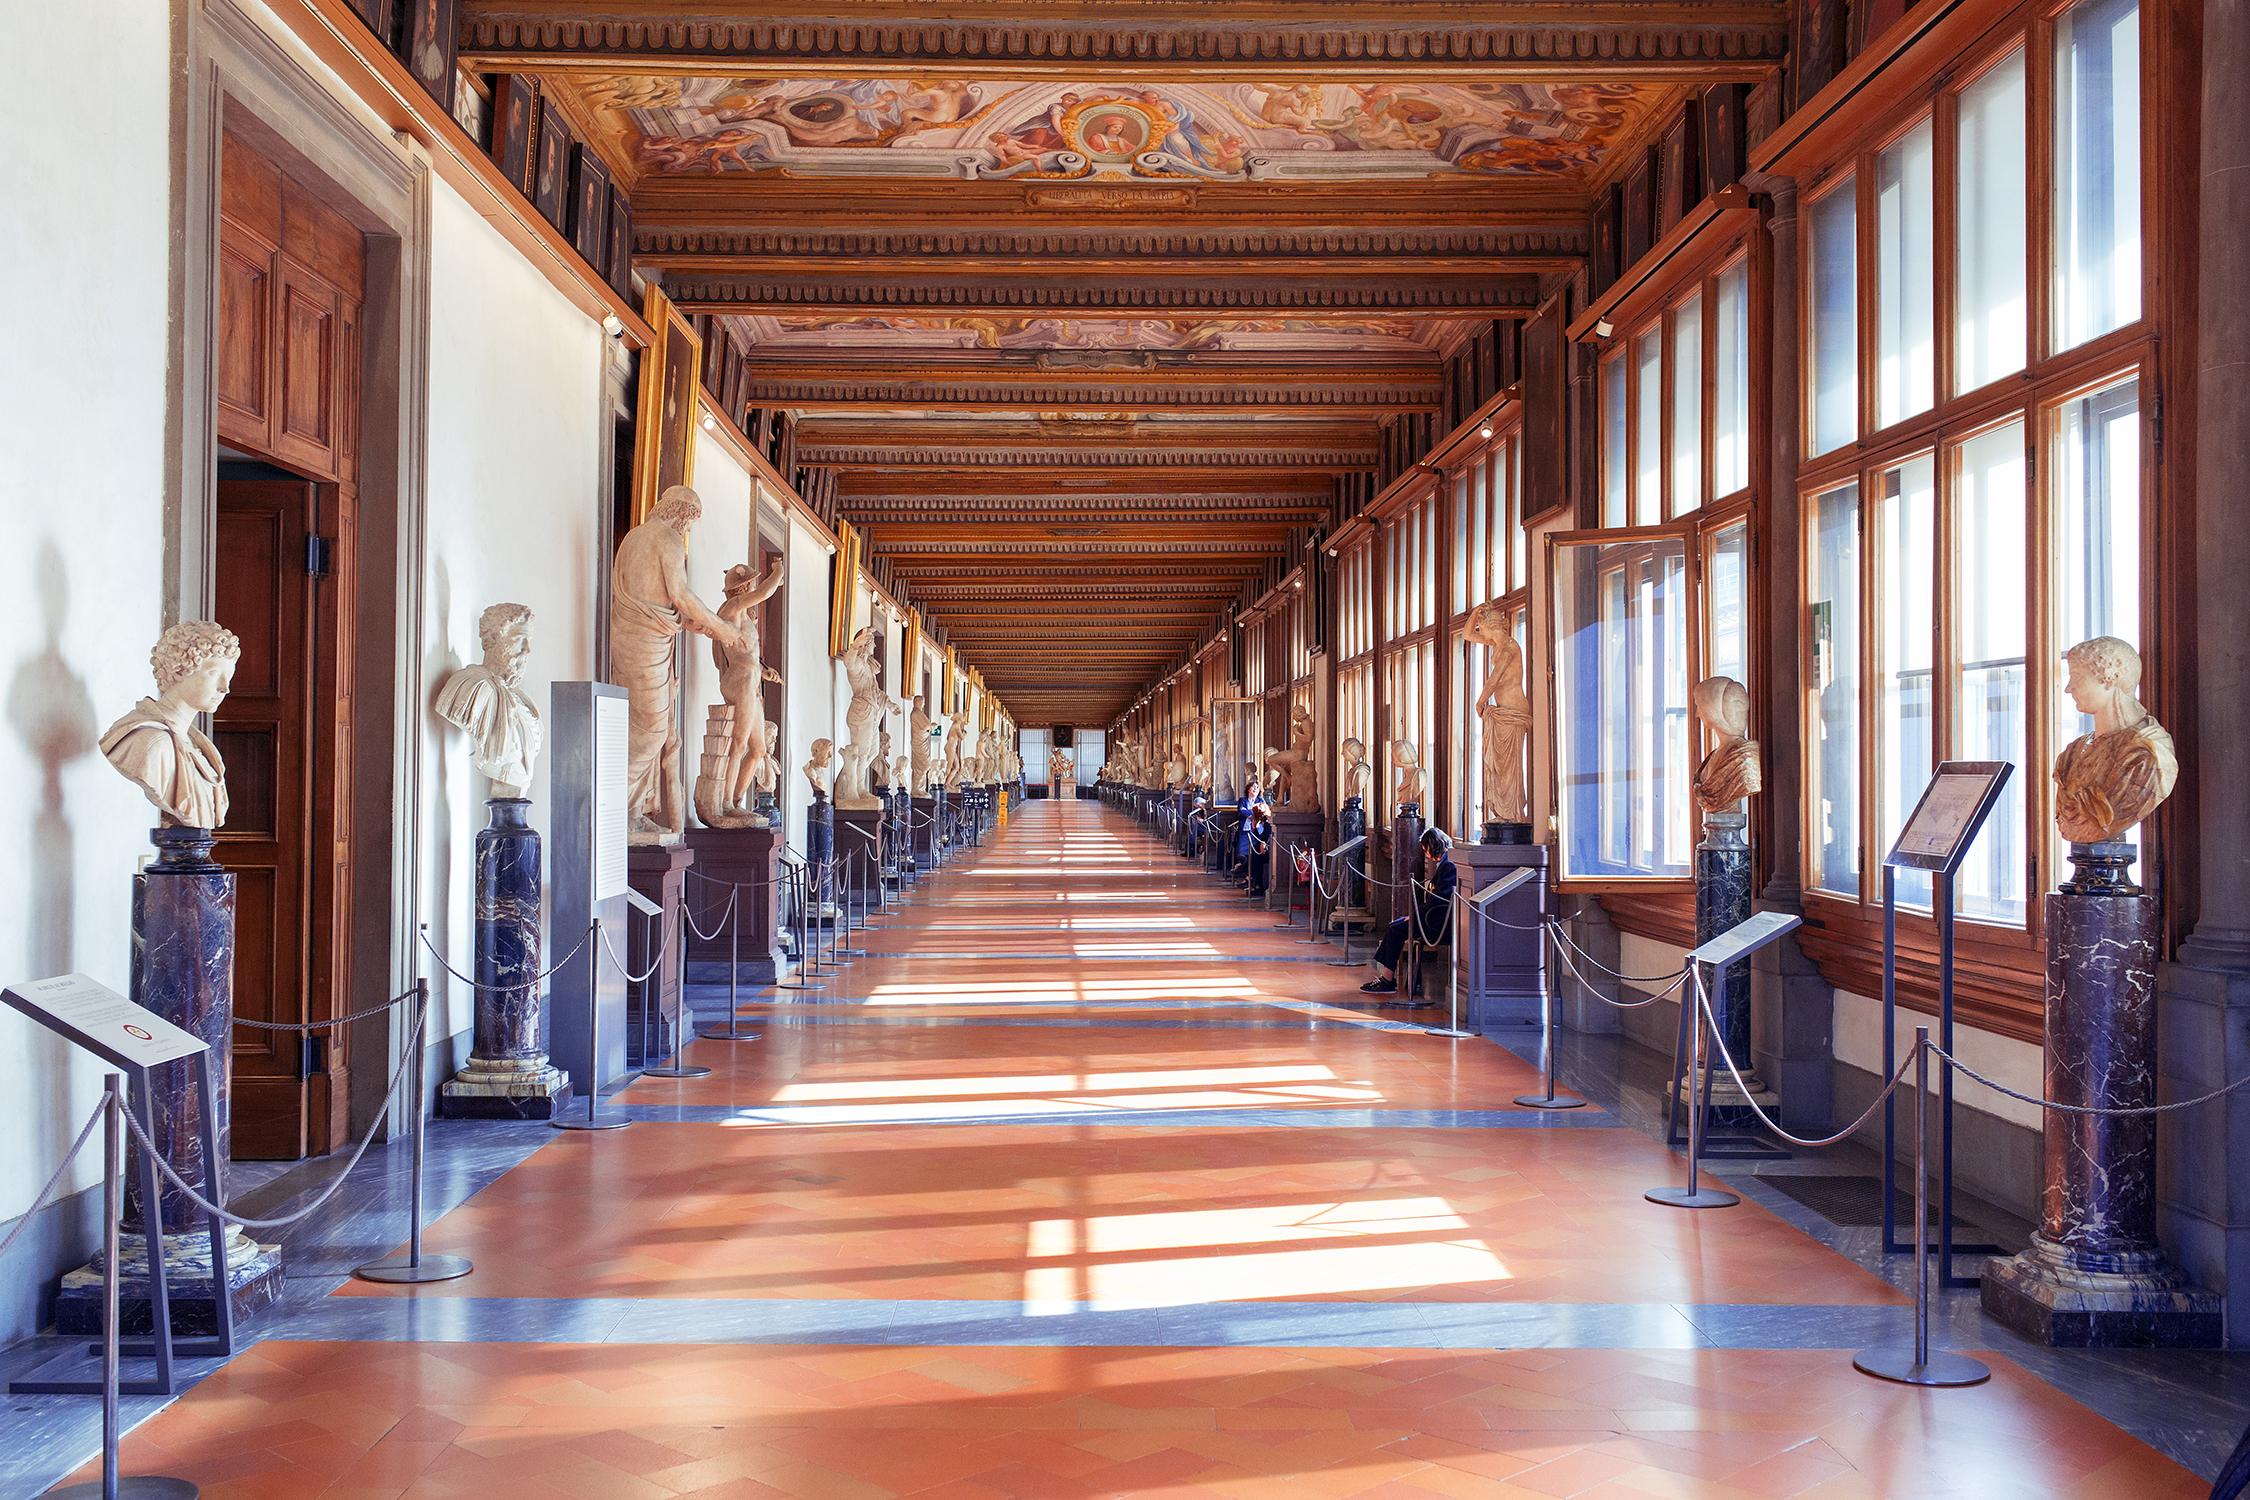 Uno dei corridoi della Galleria degli Uffizi, a Firenze.